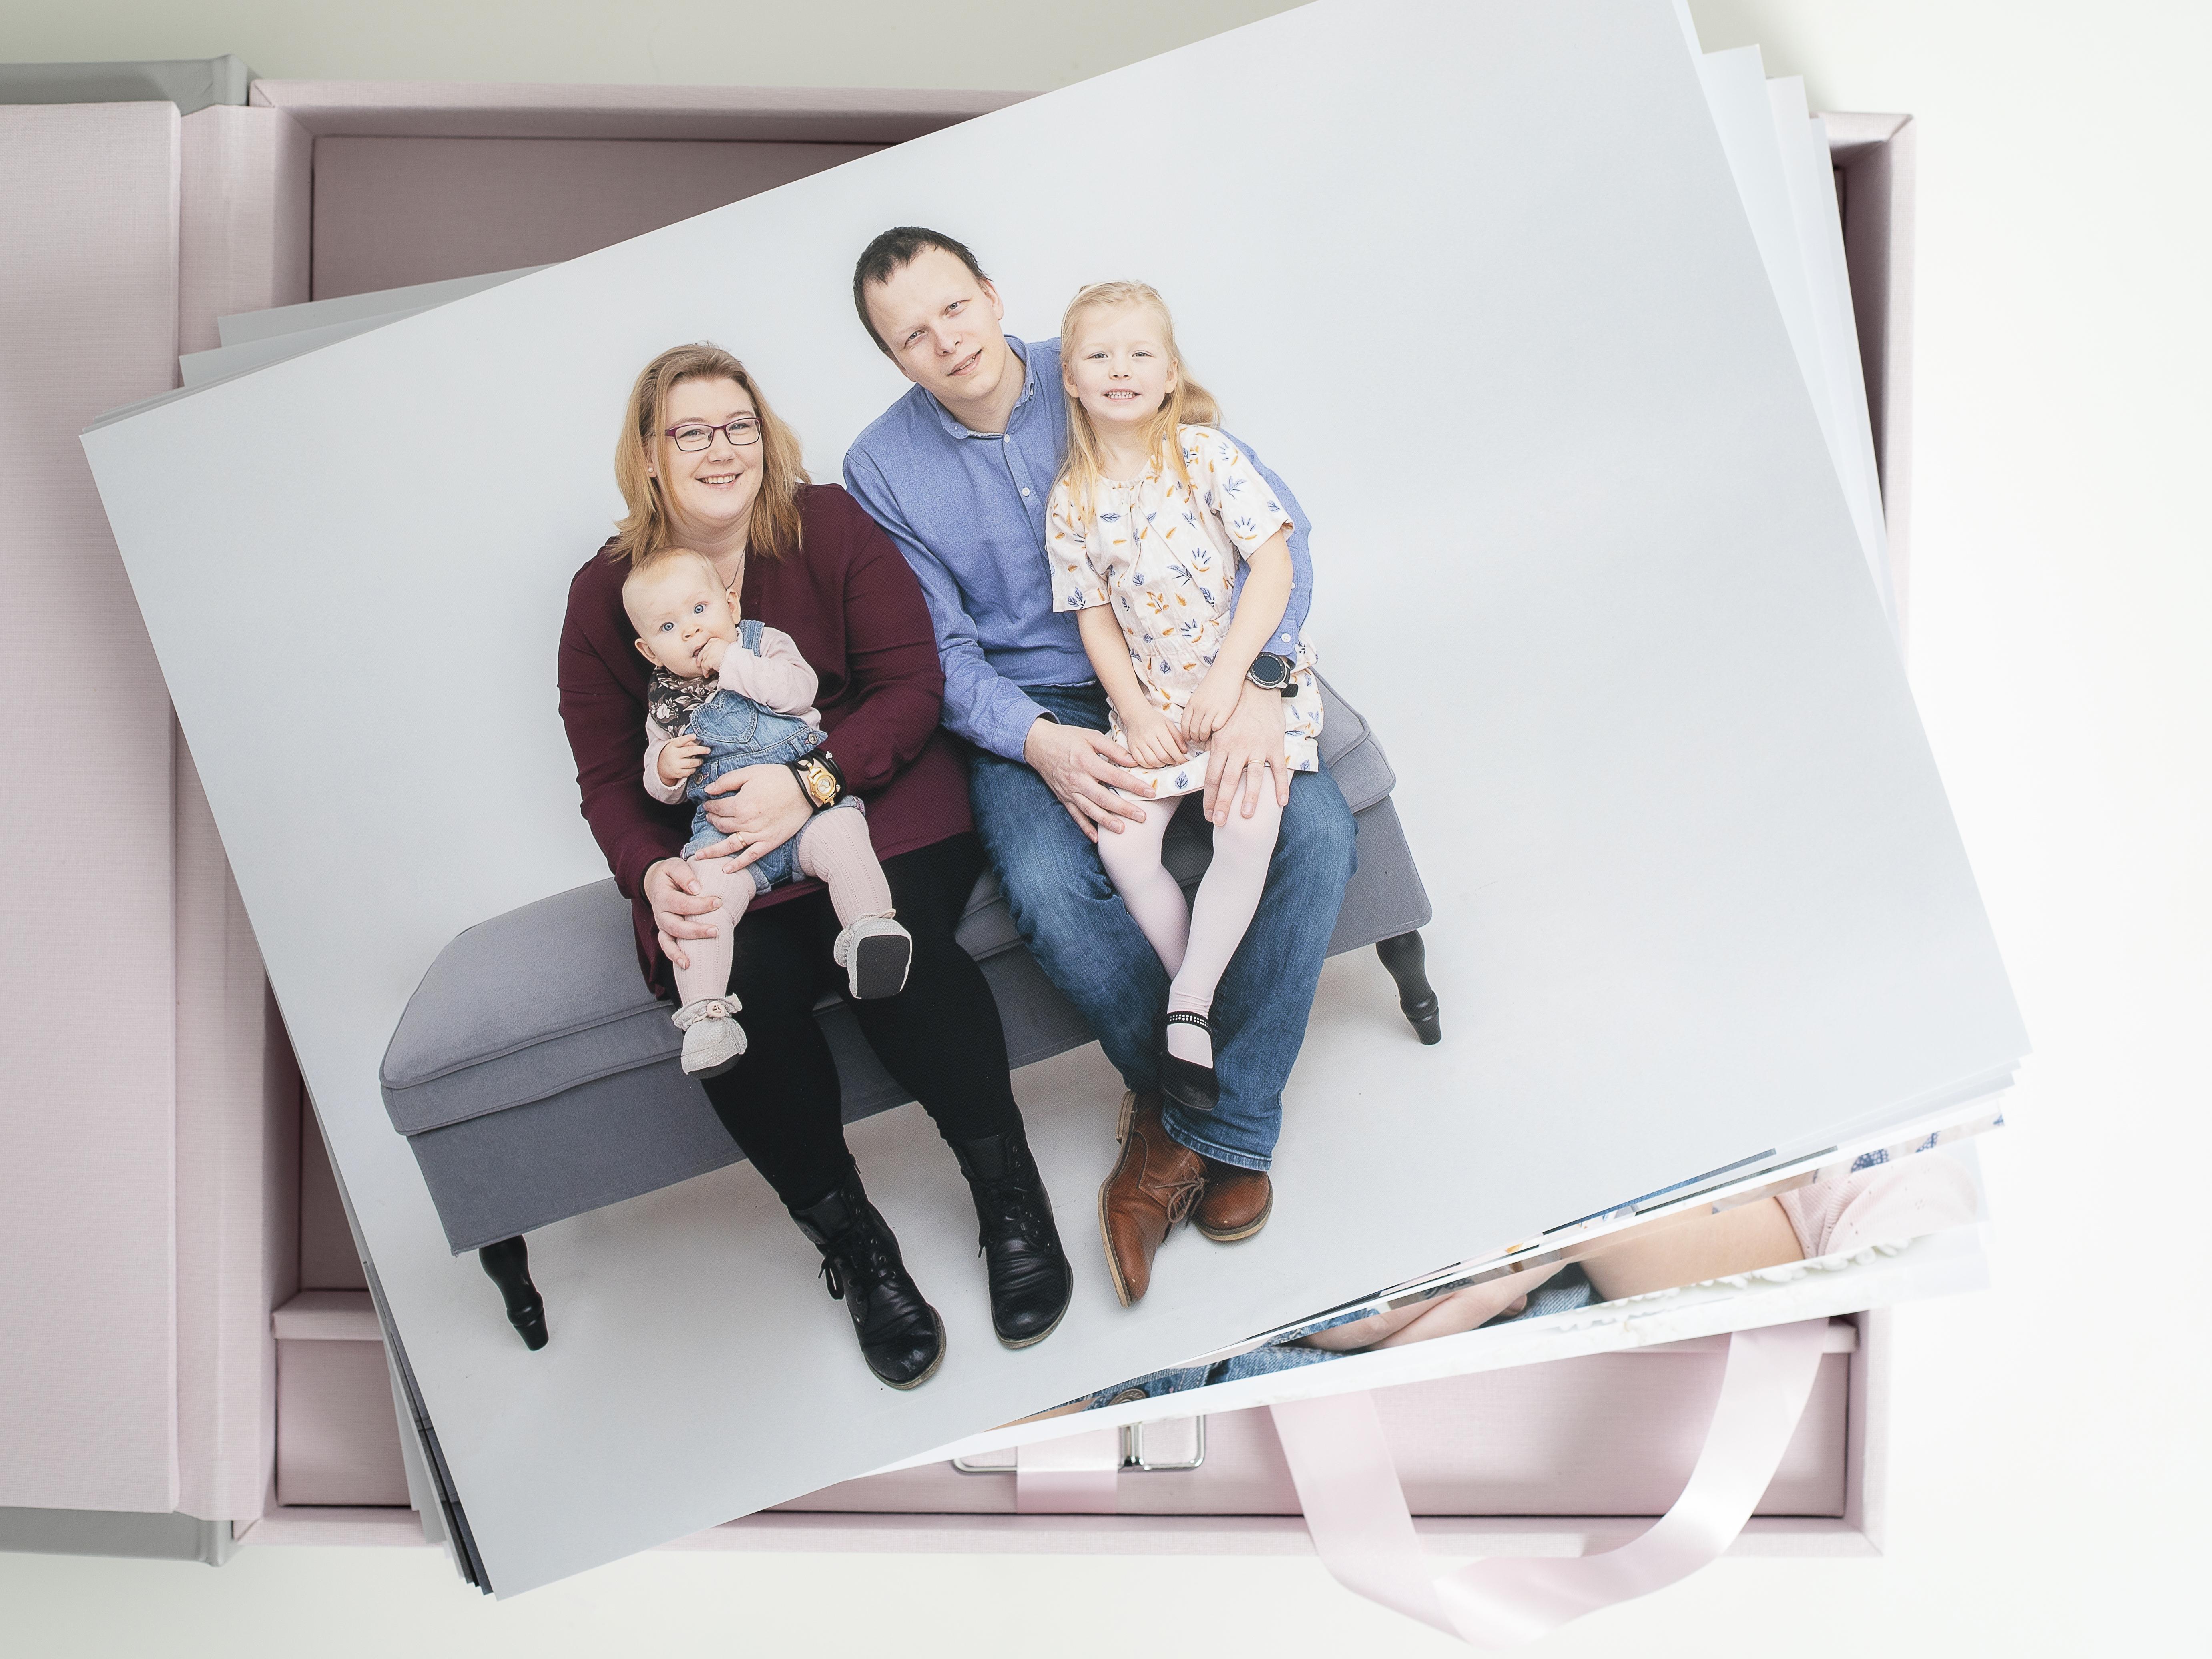 Pinkstudio by Angelina Devine Familieportræt-4 Alle familier fortjener et fjollebillede familie Nyheder Portræt Udvalgte Fotograferinger